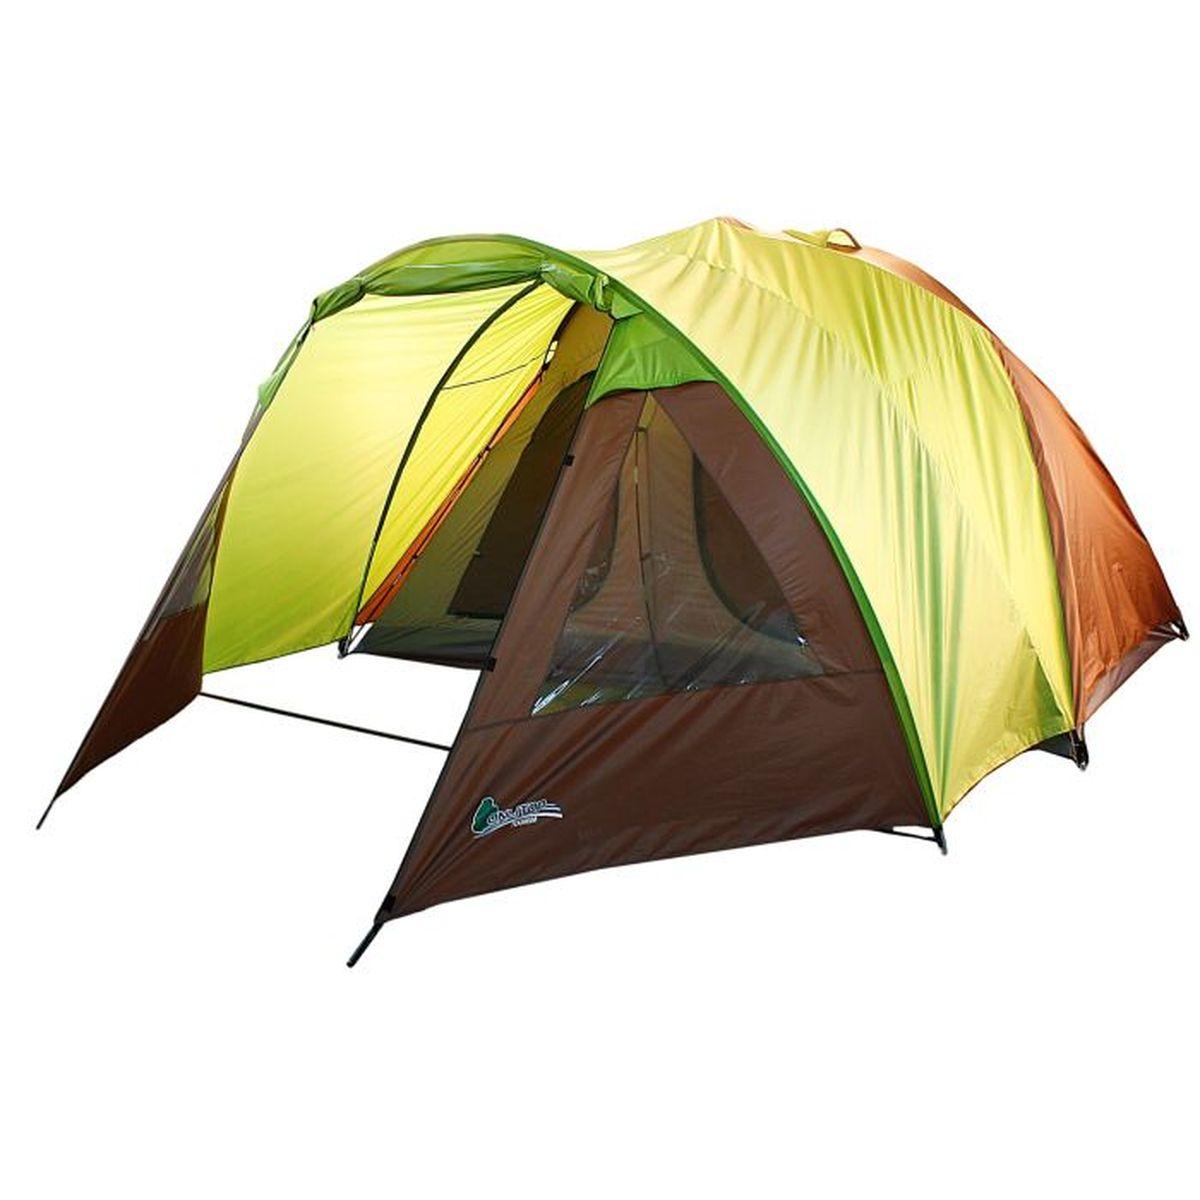 Палатка туристическая Onlitop MINNESOTA 6, цвет: желтый, коричневый867028Если вы заядлый турист или просто любитель природы, вы хоть раз задумывались о ночёвке на свежем воздухе. Чтобы провести её с комфортом, вам понадобится отличная палатка, Она обеспечит безопасный досуг и защитит от непогоды и насекомых. Ткань рипстоп гарантирует длительную эксплуатацию палатки за счёт высокой прочности материала.